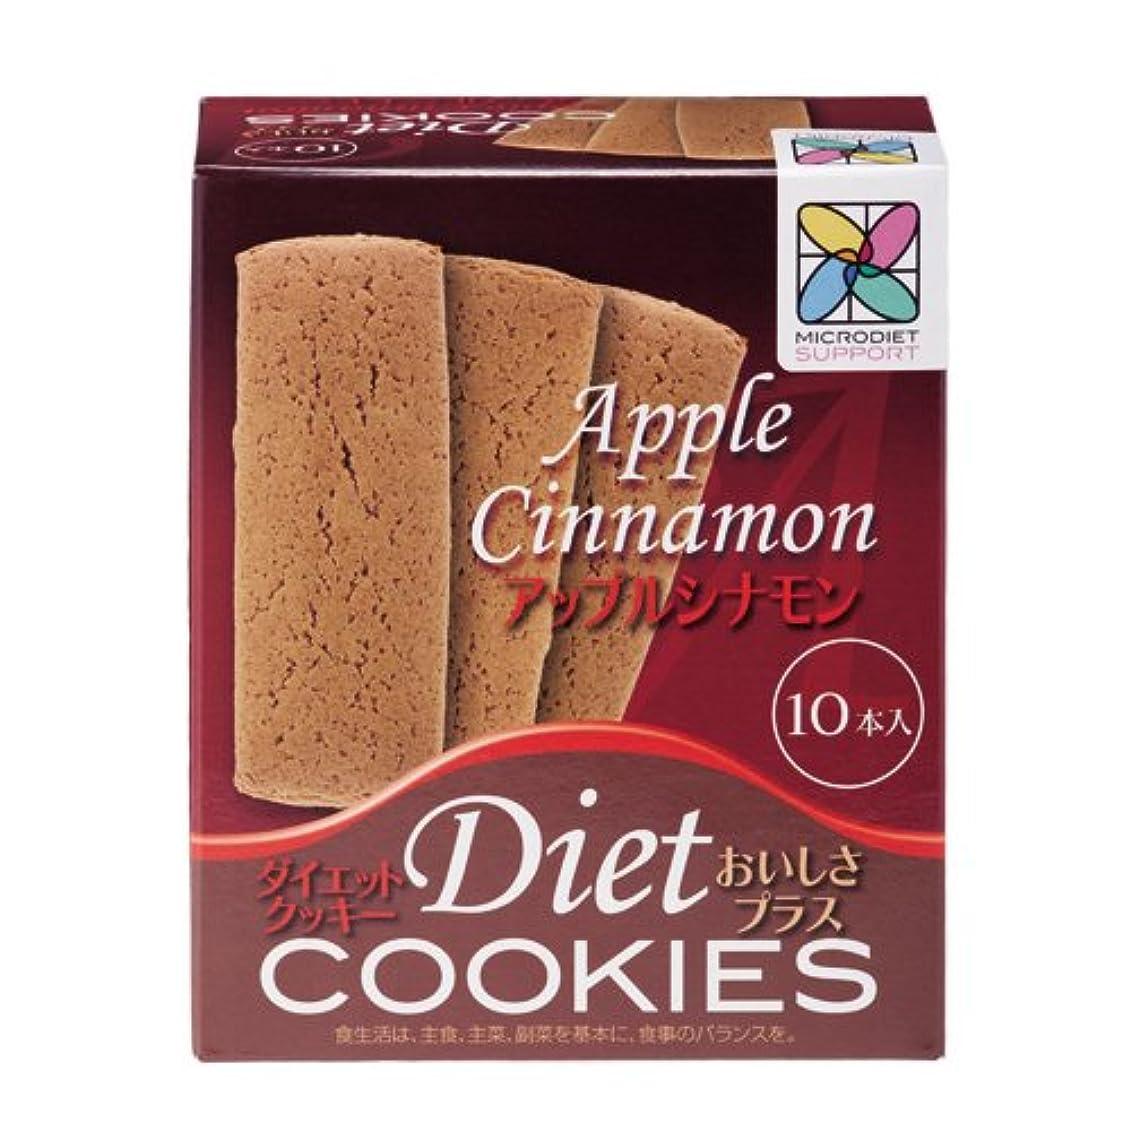 害狼ウィザードダイエットクッキーおいしさプラス(アップルシナモン:1箱)(03754)